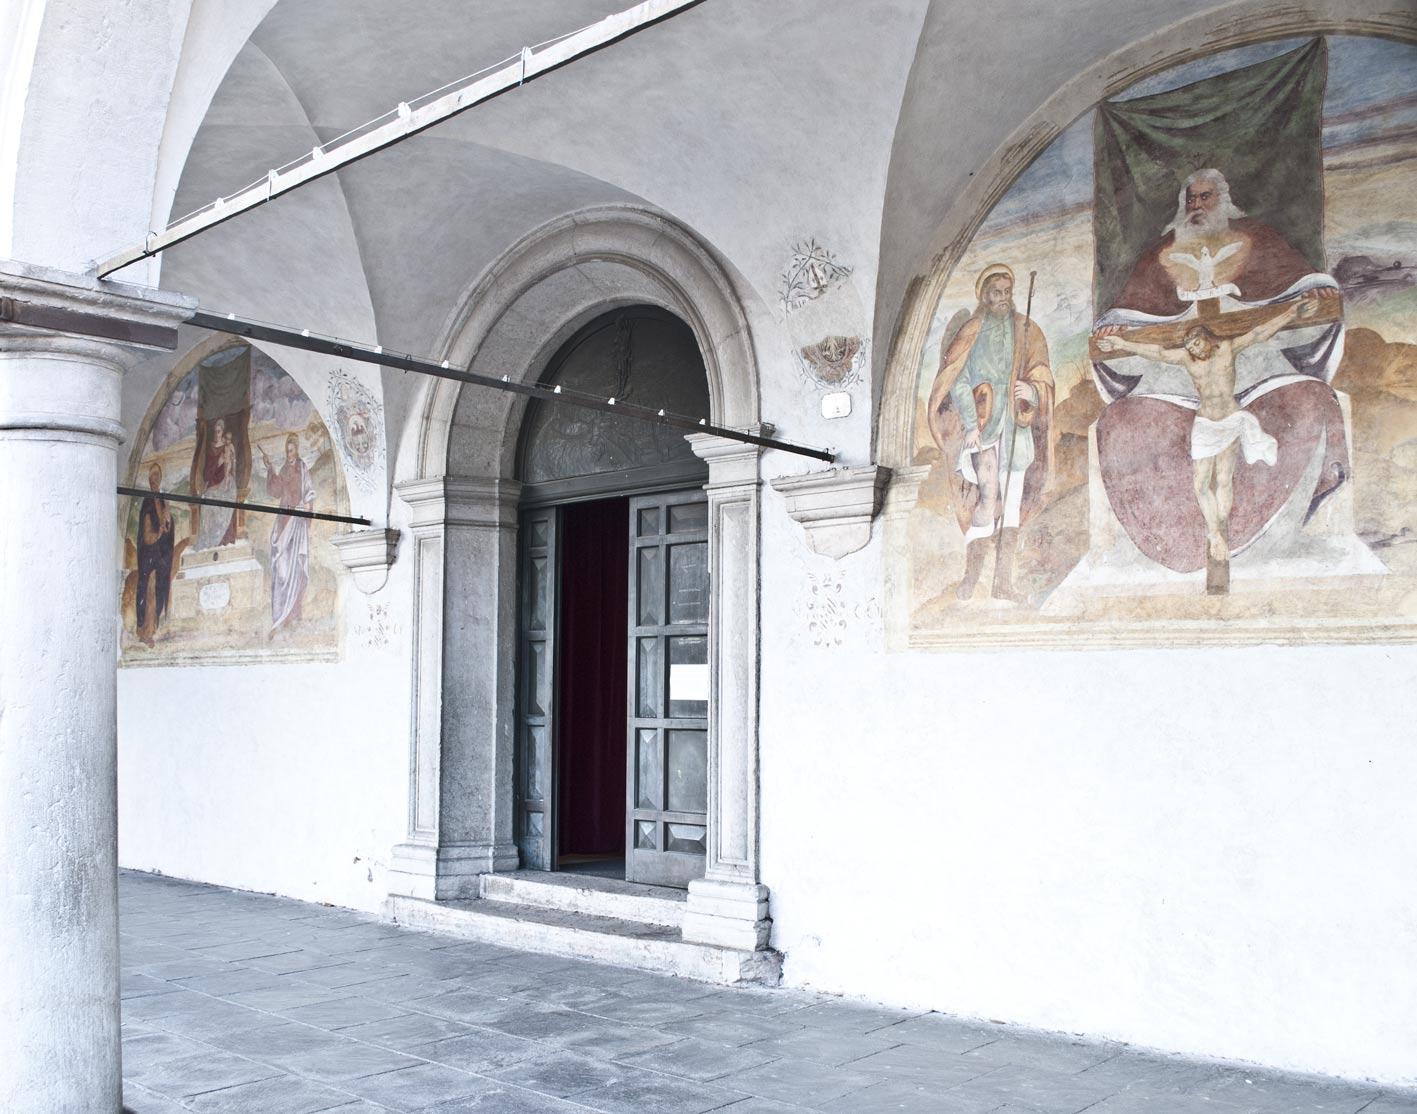 ingresso della chiesa di San Rocco a Belluno